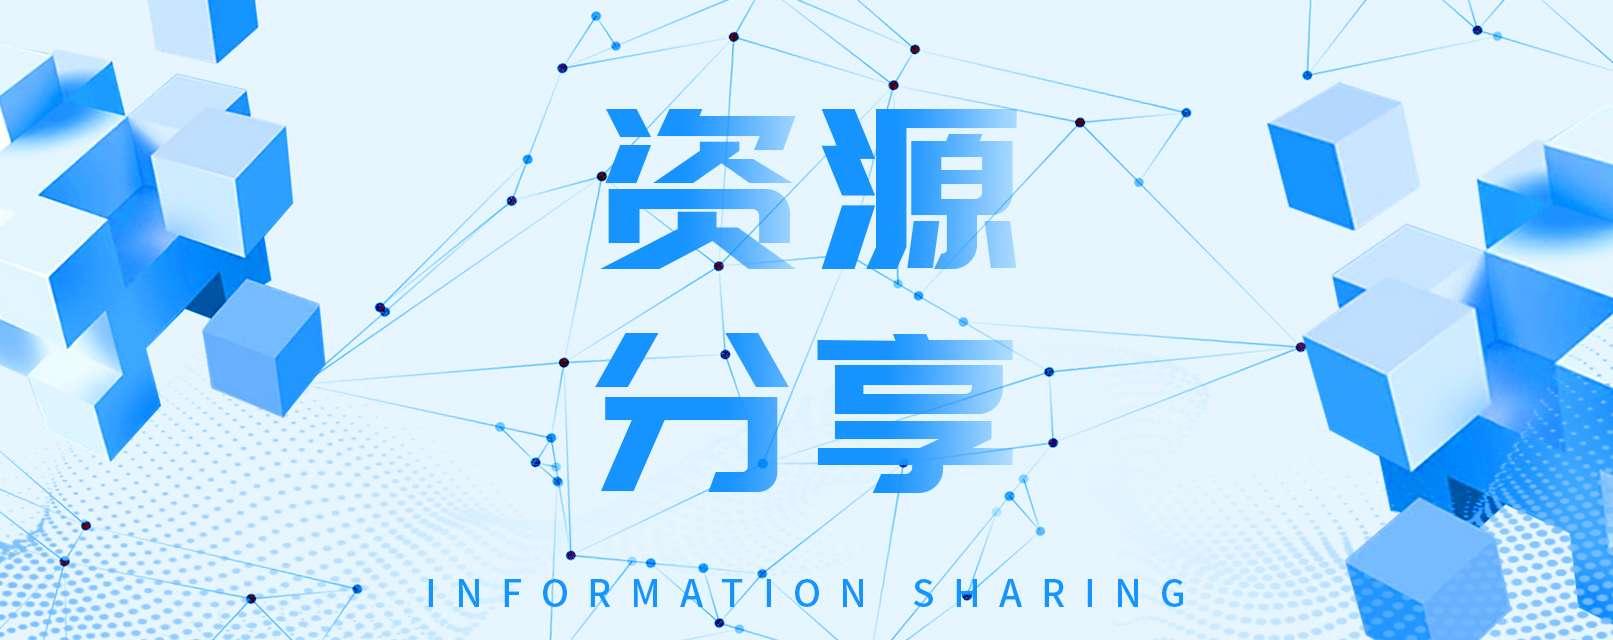 【分享】雀华图标包 v1.0 超多图标手机软件